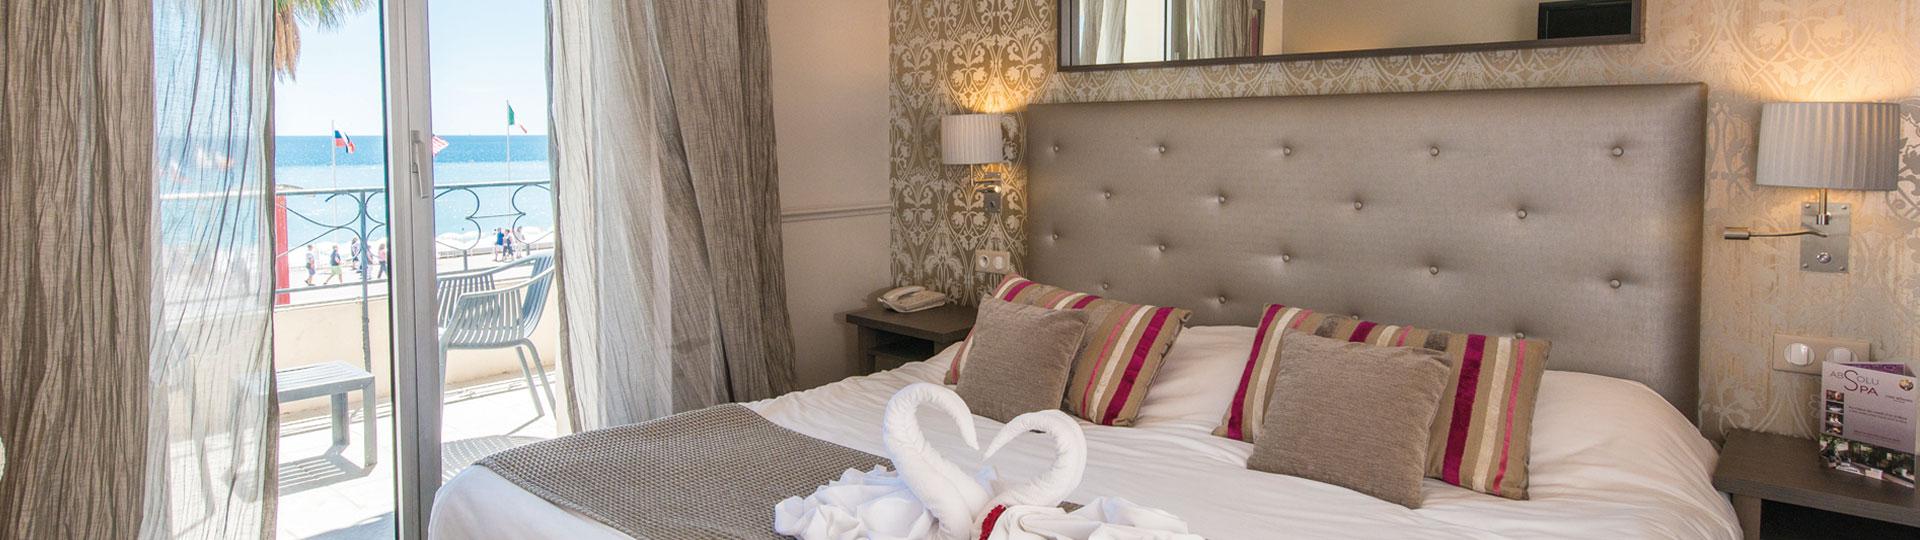 Chambre Twin & Double Vue Mer de l'hôtel Le Royal*** à Nice sur La Côte d'Azur